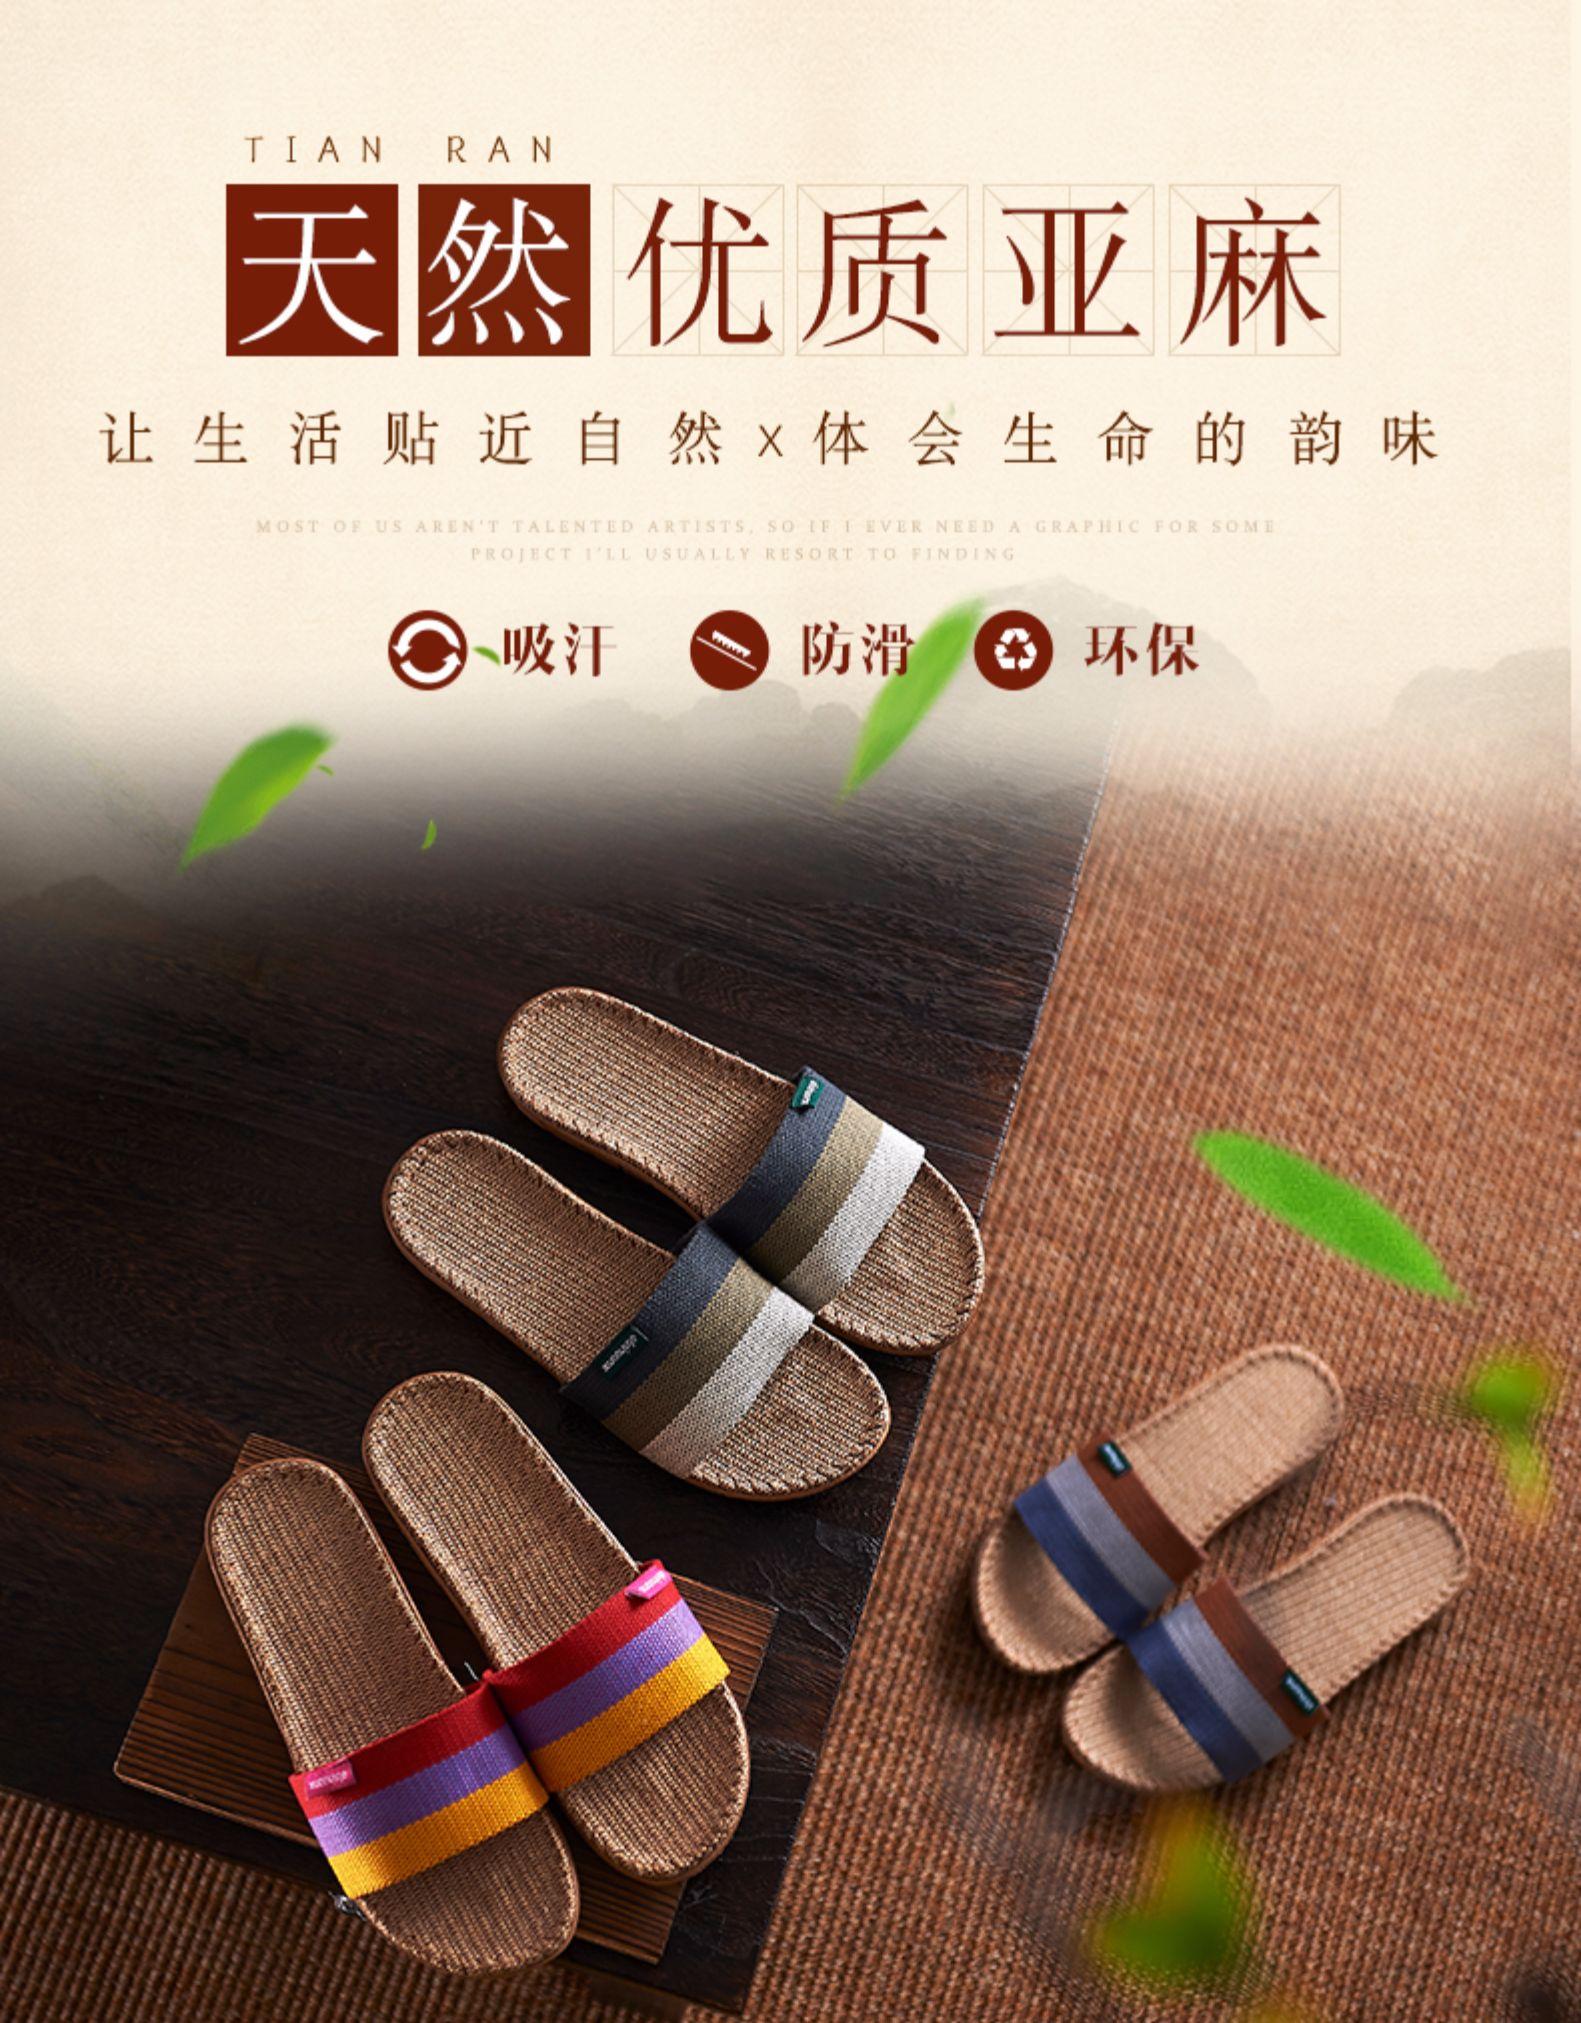 萱宜阁 亚麻防滑拖鞋 天猫优惠券折后¥7.9包邮(¥10.9-3) 多色可选